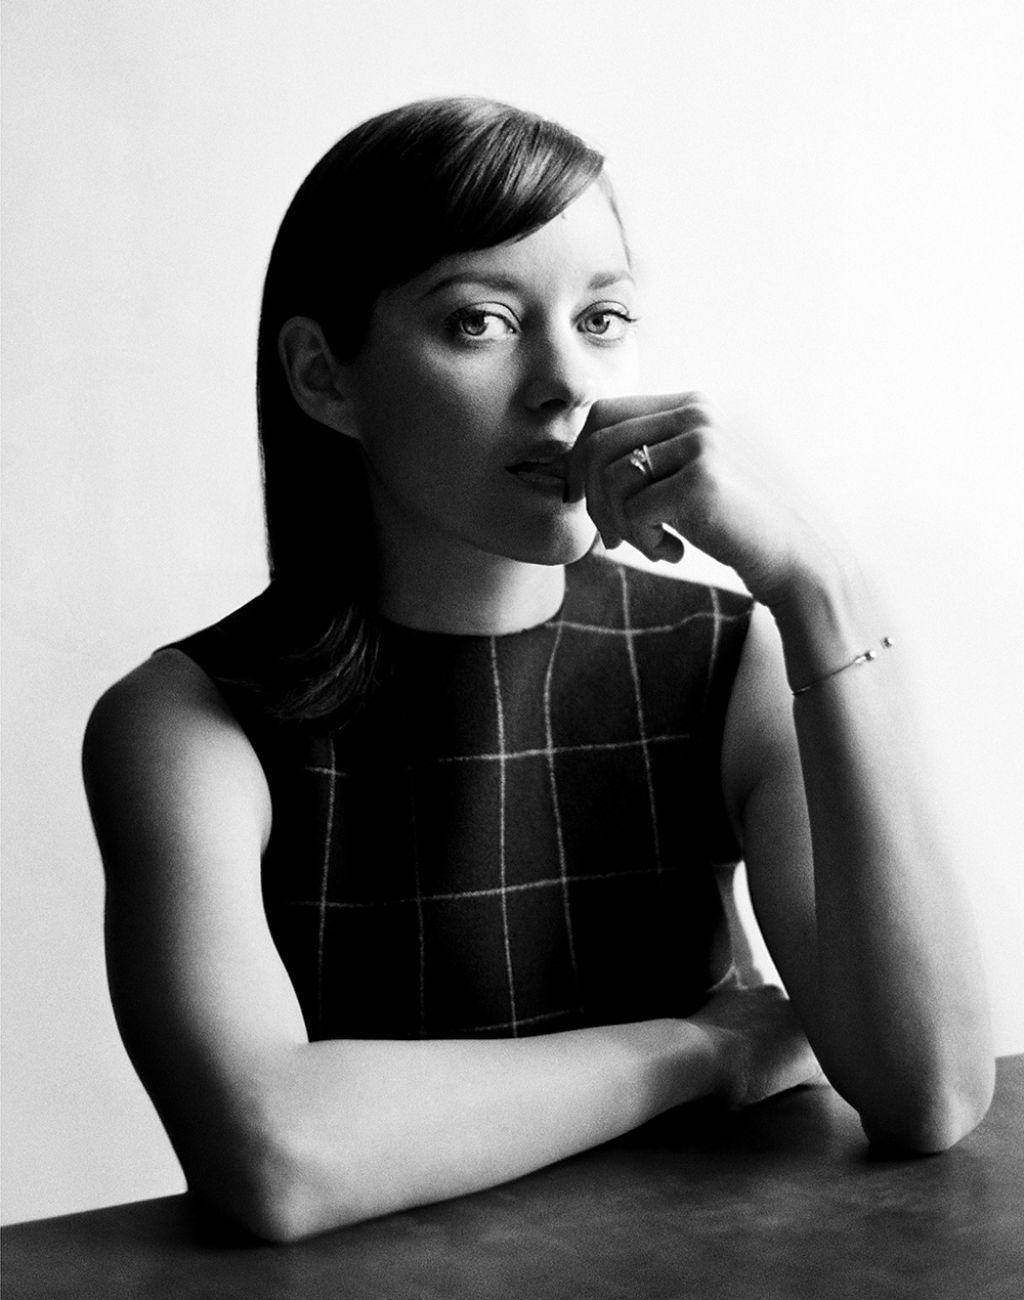 Marion Cotillard Photoshoot For Variety May 2014 (by Pari Dukovic)